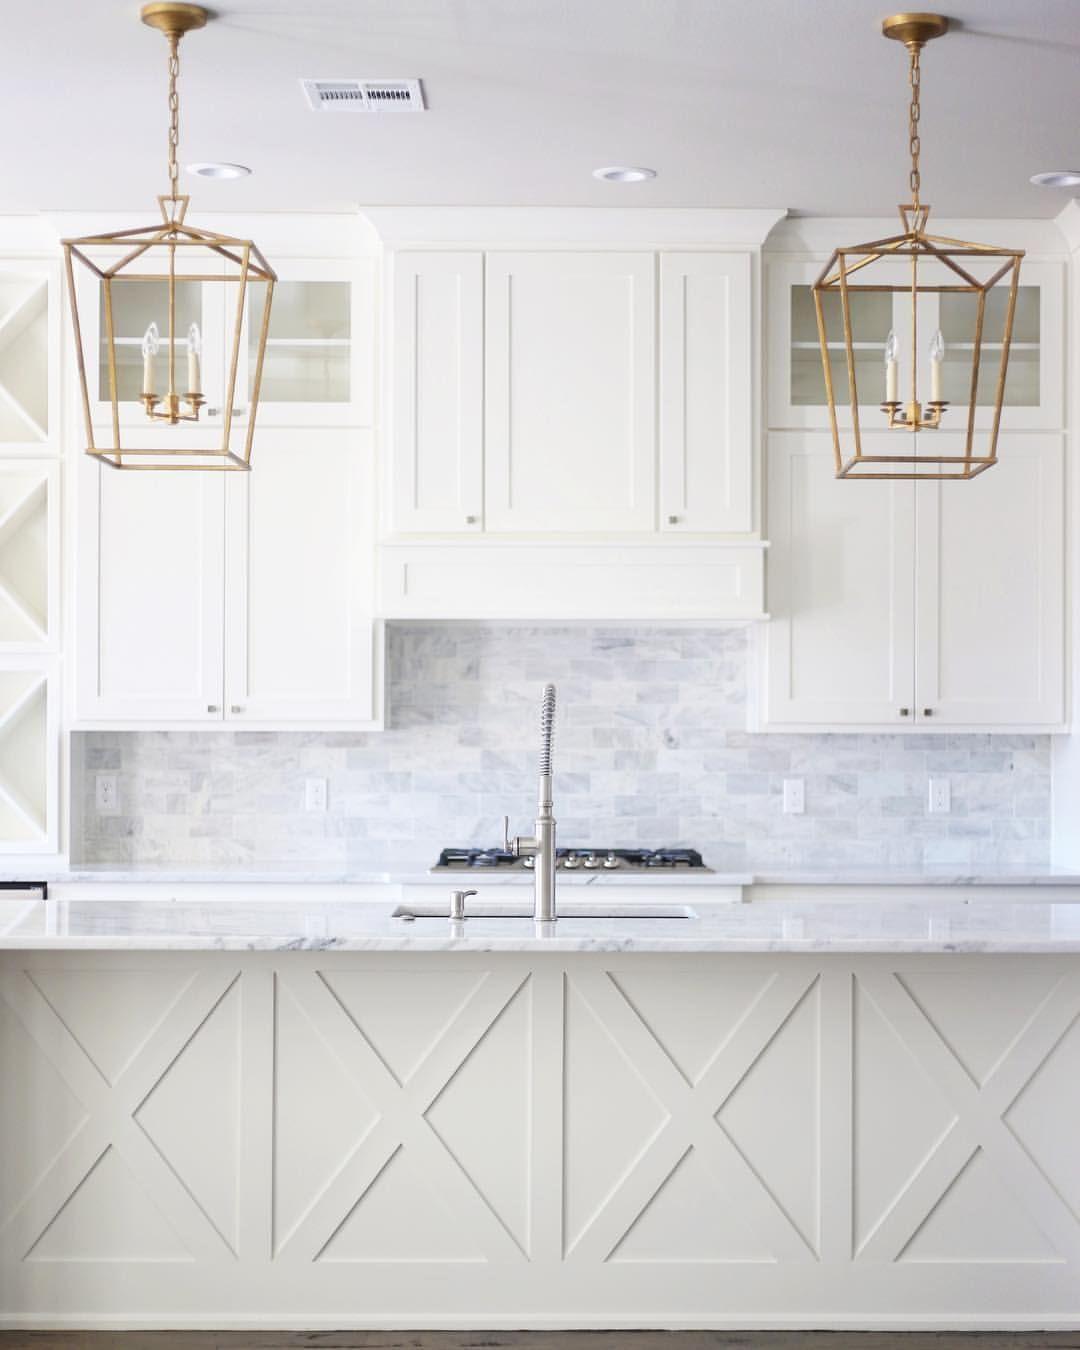 Küchenbeleuchtung ideen kleine küche pin von greta schwarz auf home  pinterest  neue küche neue wege